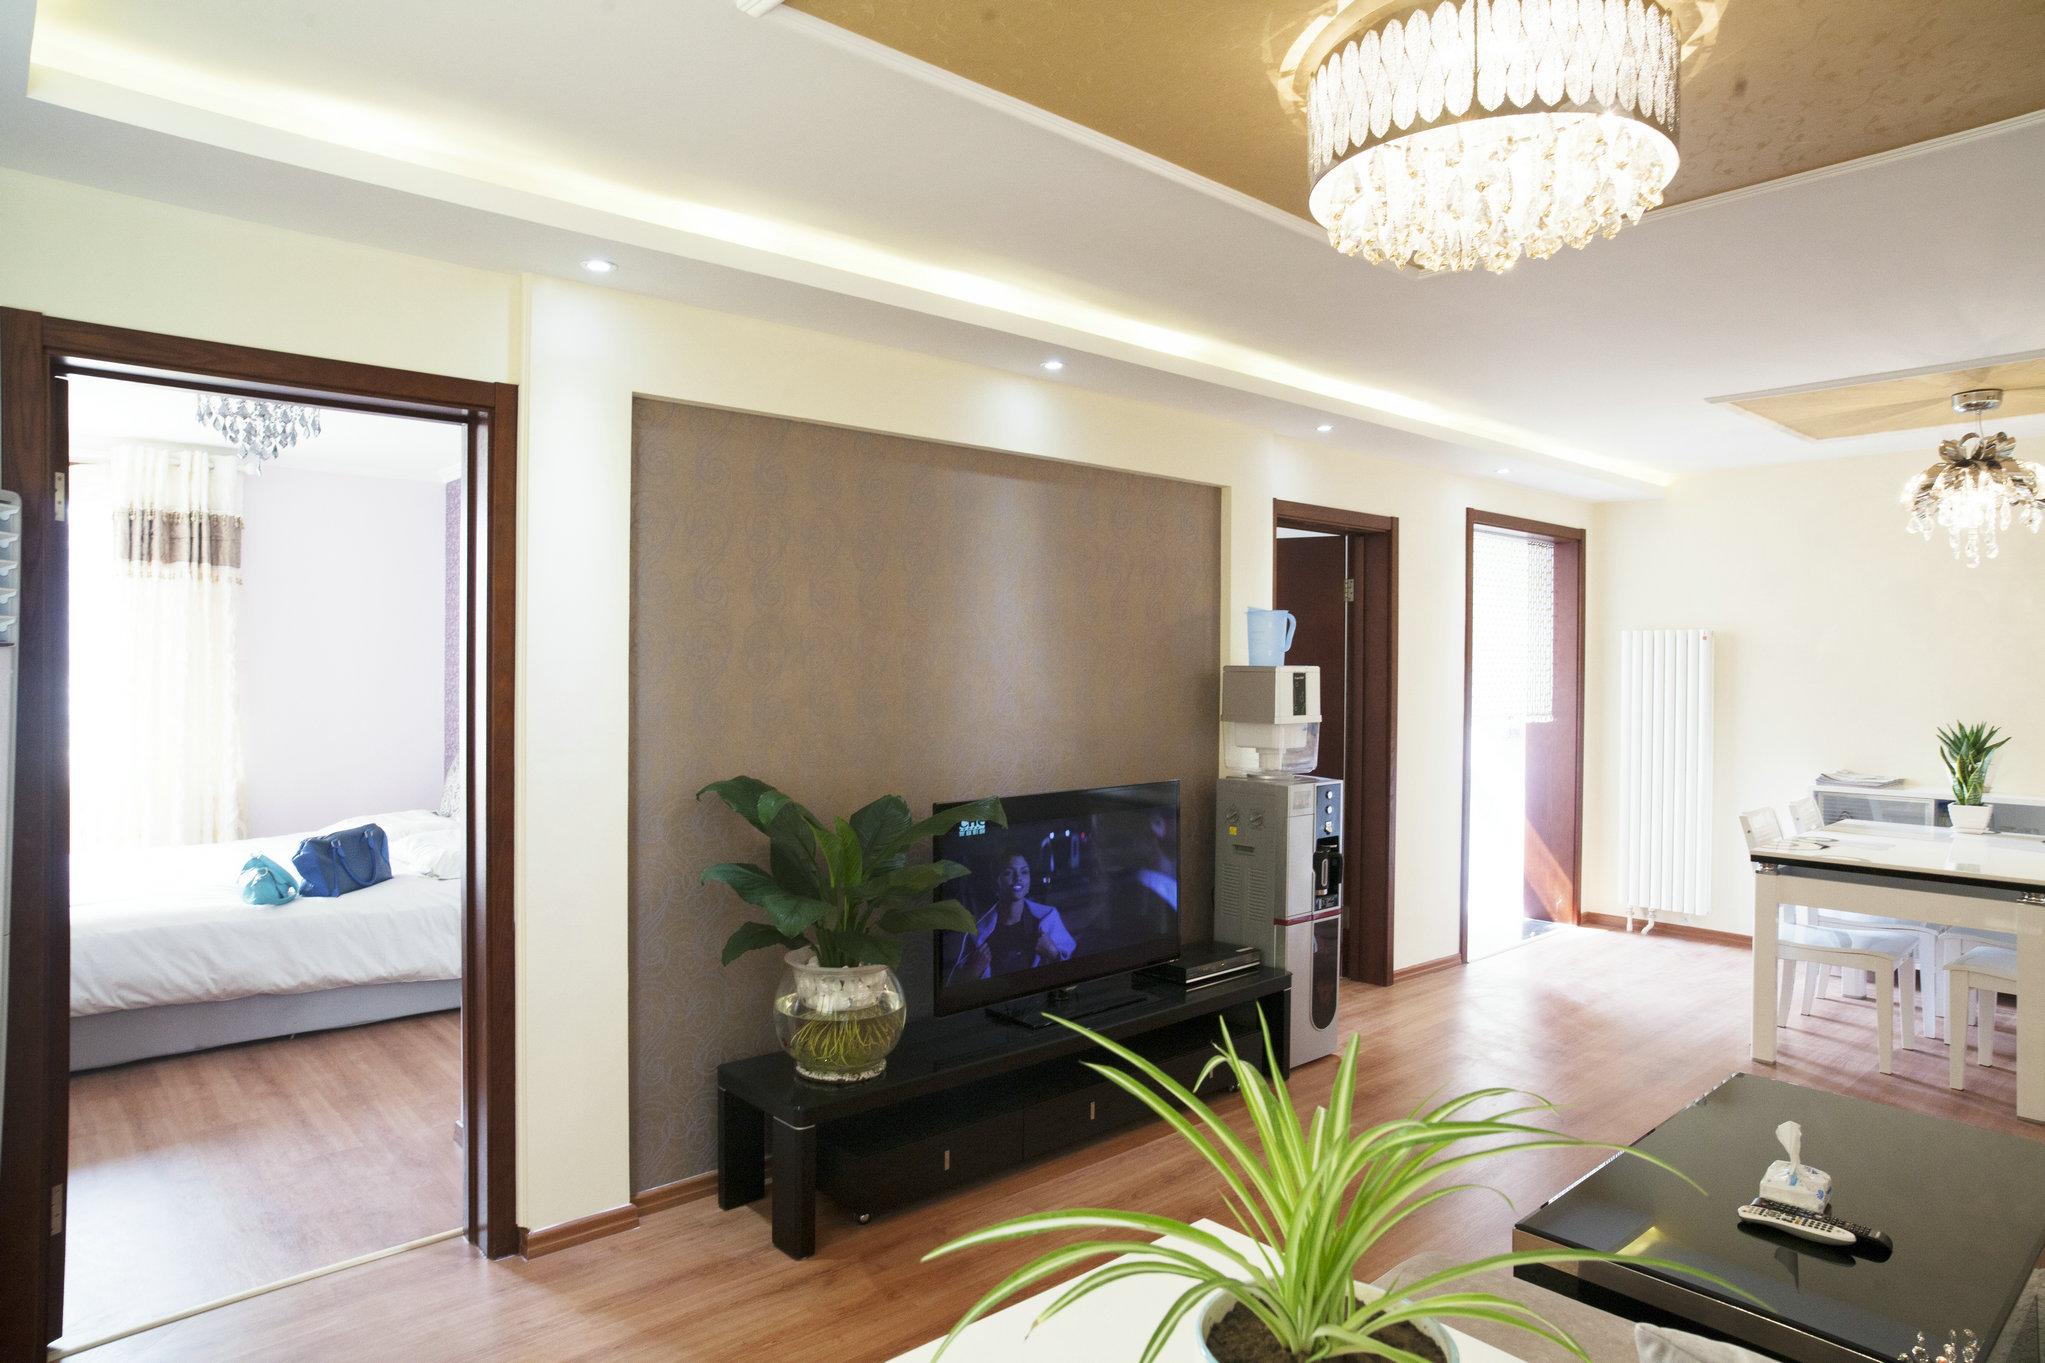 二居 现代 婚房 老房翻新 芍药居北里 客厅图片来自xushuguang1983在简洁现代86平米实景两居婚房的分享